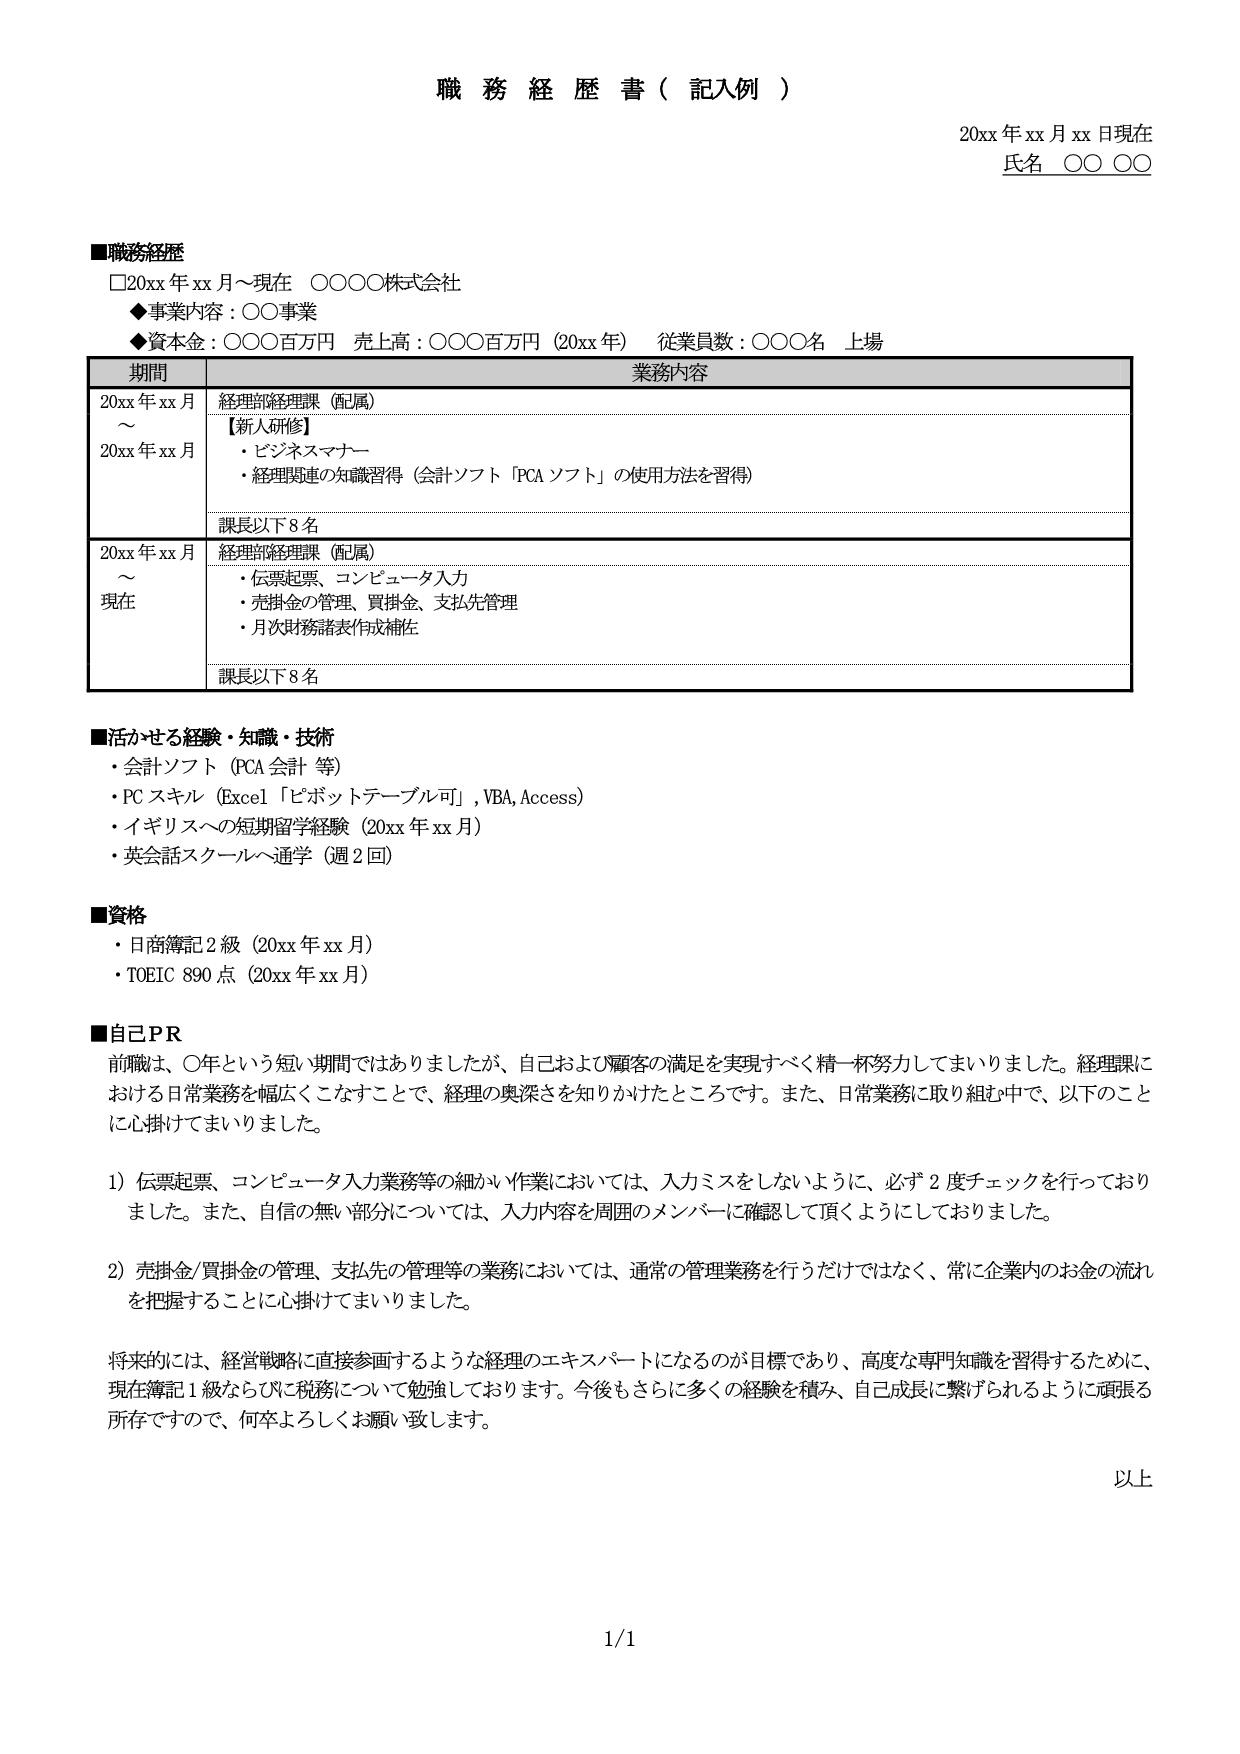 kantan_syokumu